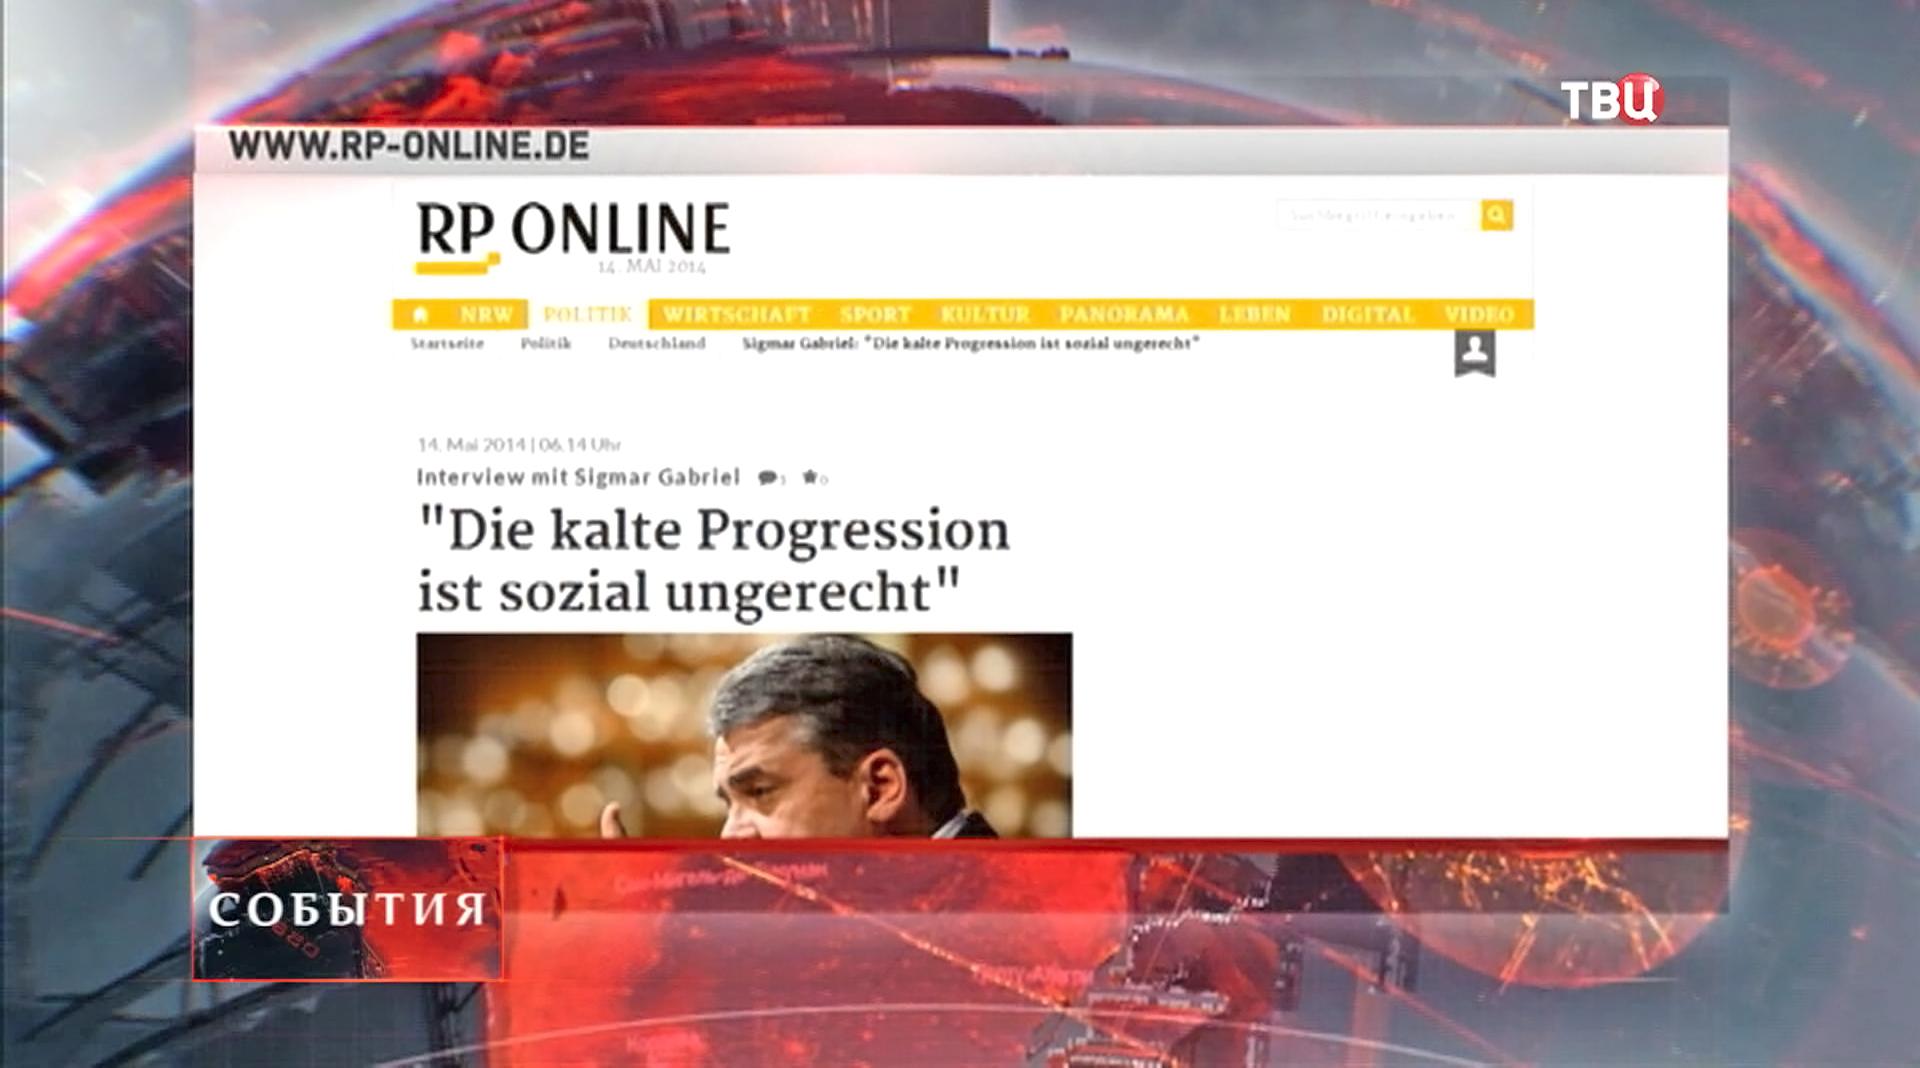 Сайт RP-Online.de